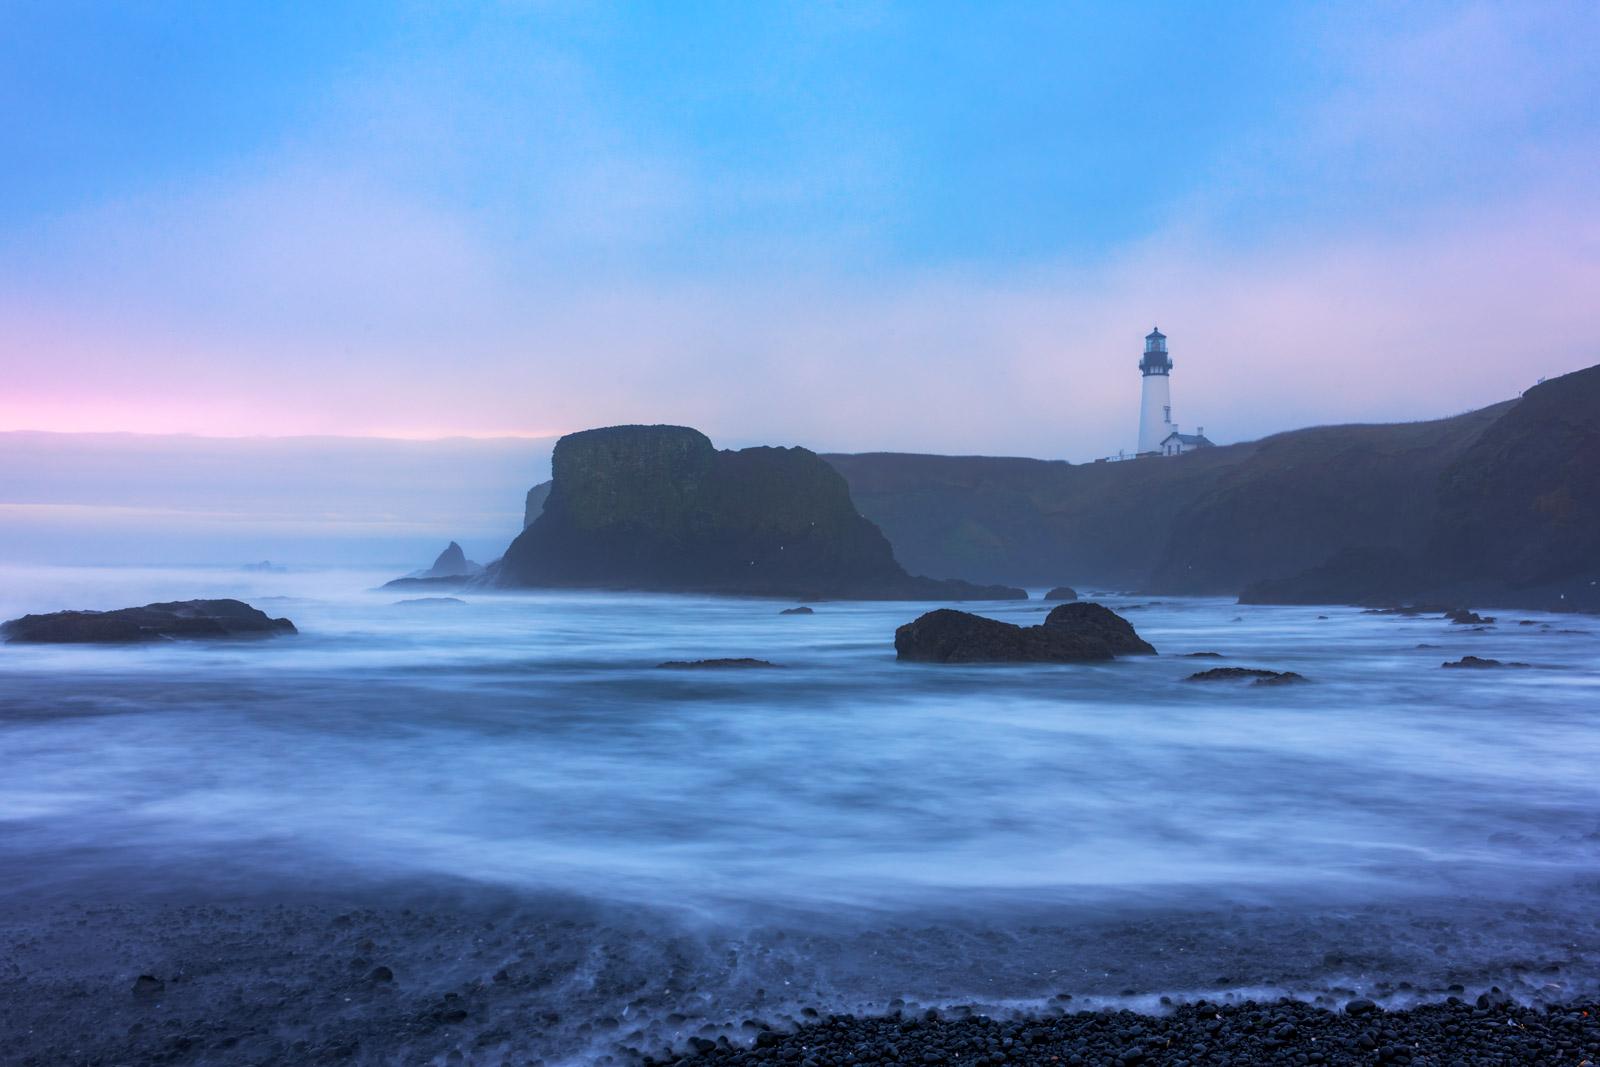 Oregon, Yaquina, Yaquina Head, Lighthouse, Fog